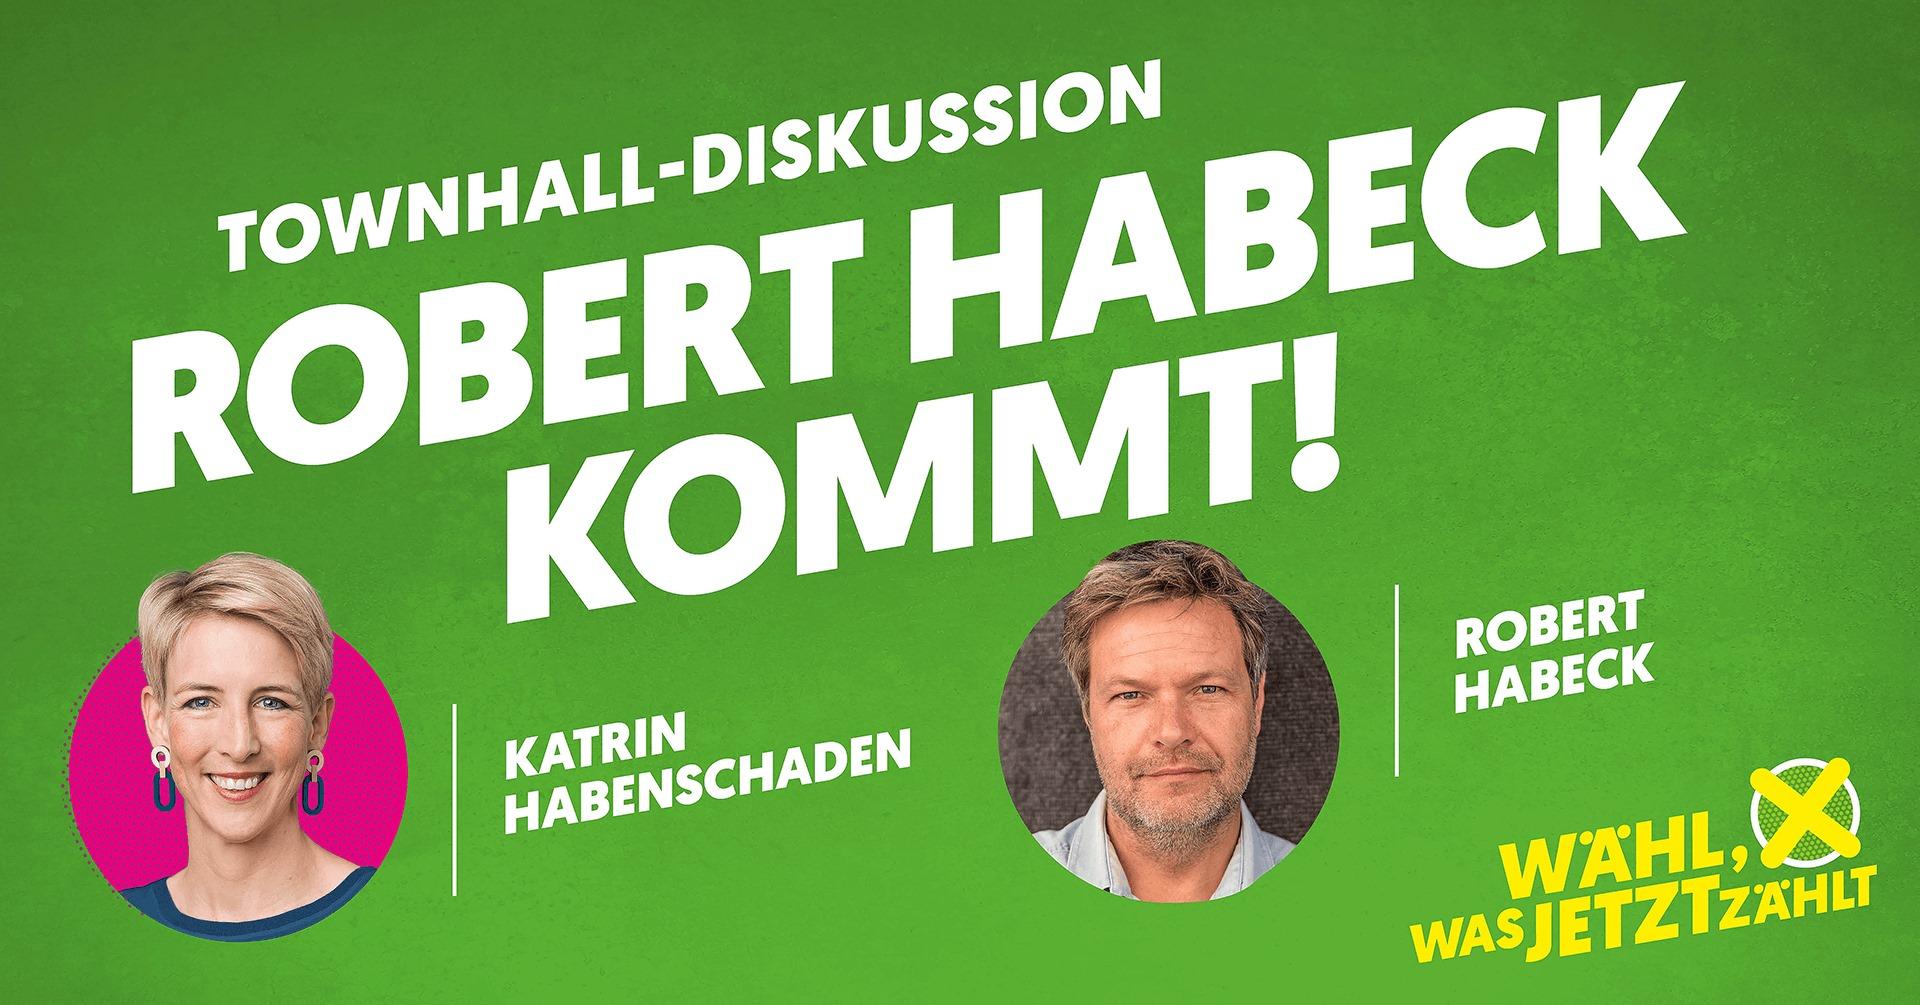 Katrin Habenschaden Robert Habeck München im Gespräch Kennenlernen Kommunalwahl 2020 München